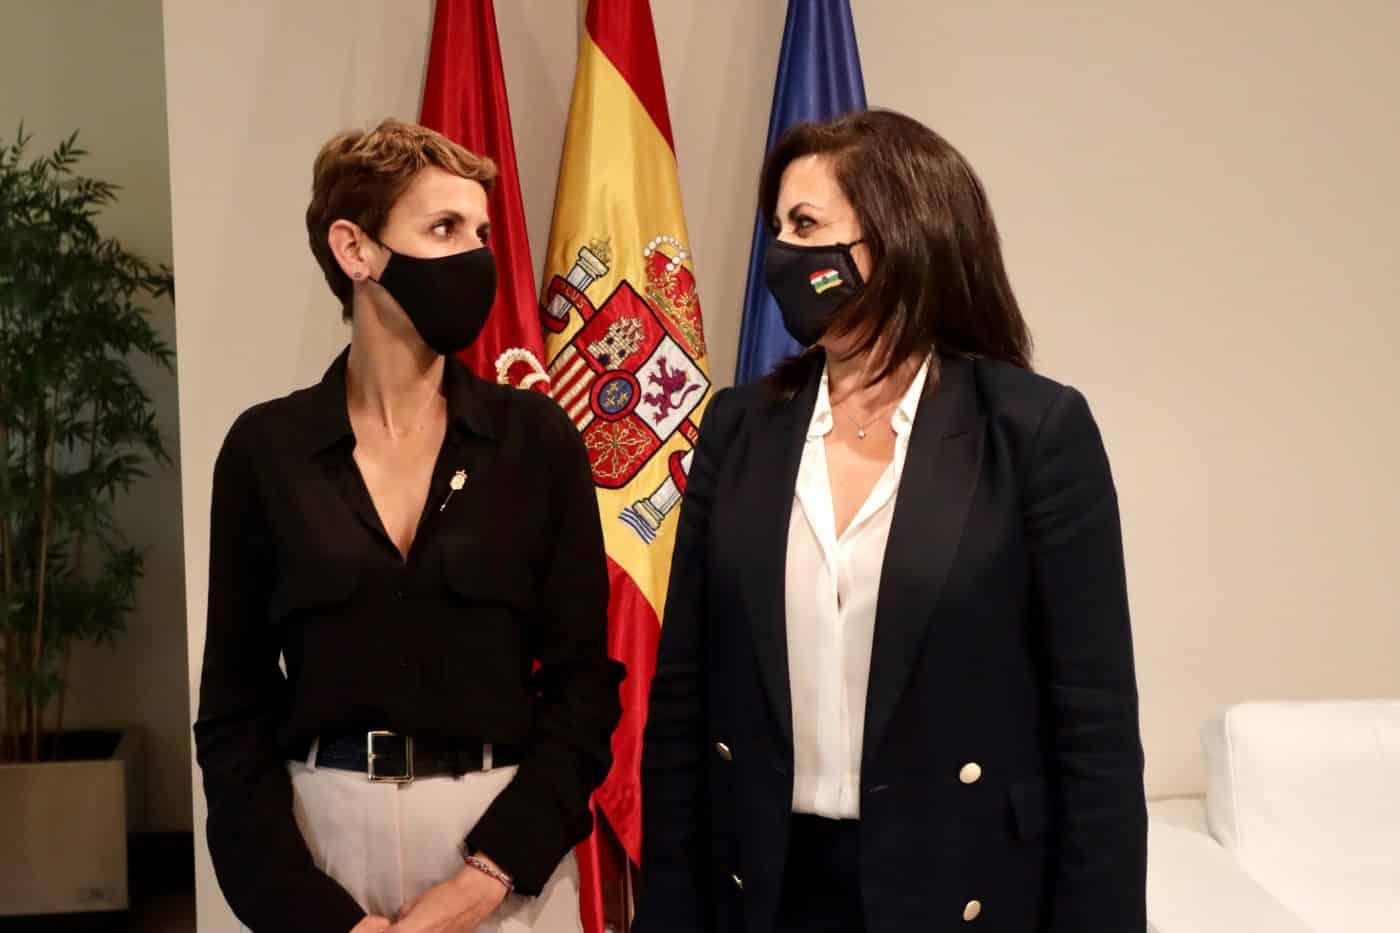 La Rioja y Navarra crean un servicio único de cirugía cardíaca para la ciudadanía 3